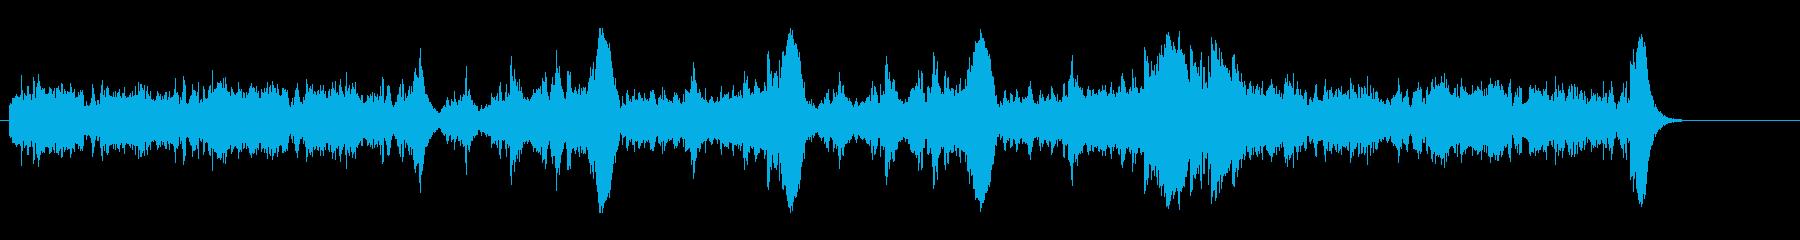 緊張感漂うオーケストラ風ドキュメントの再生済みの波形